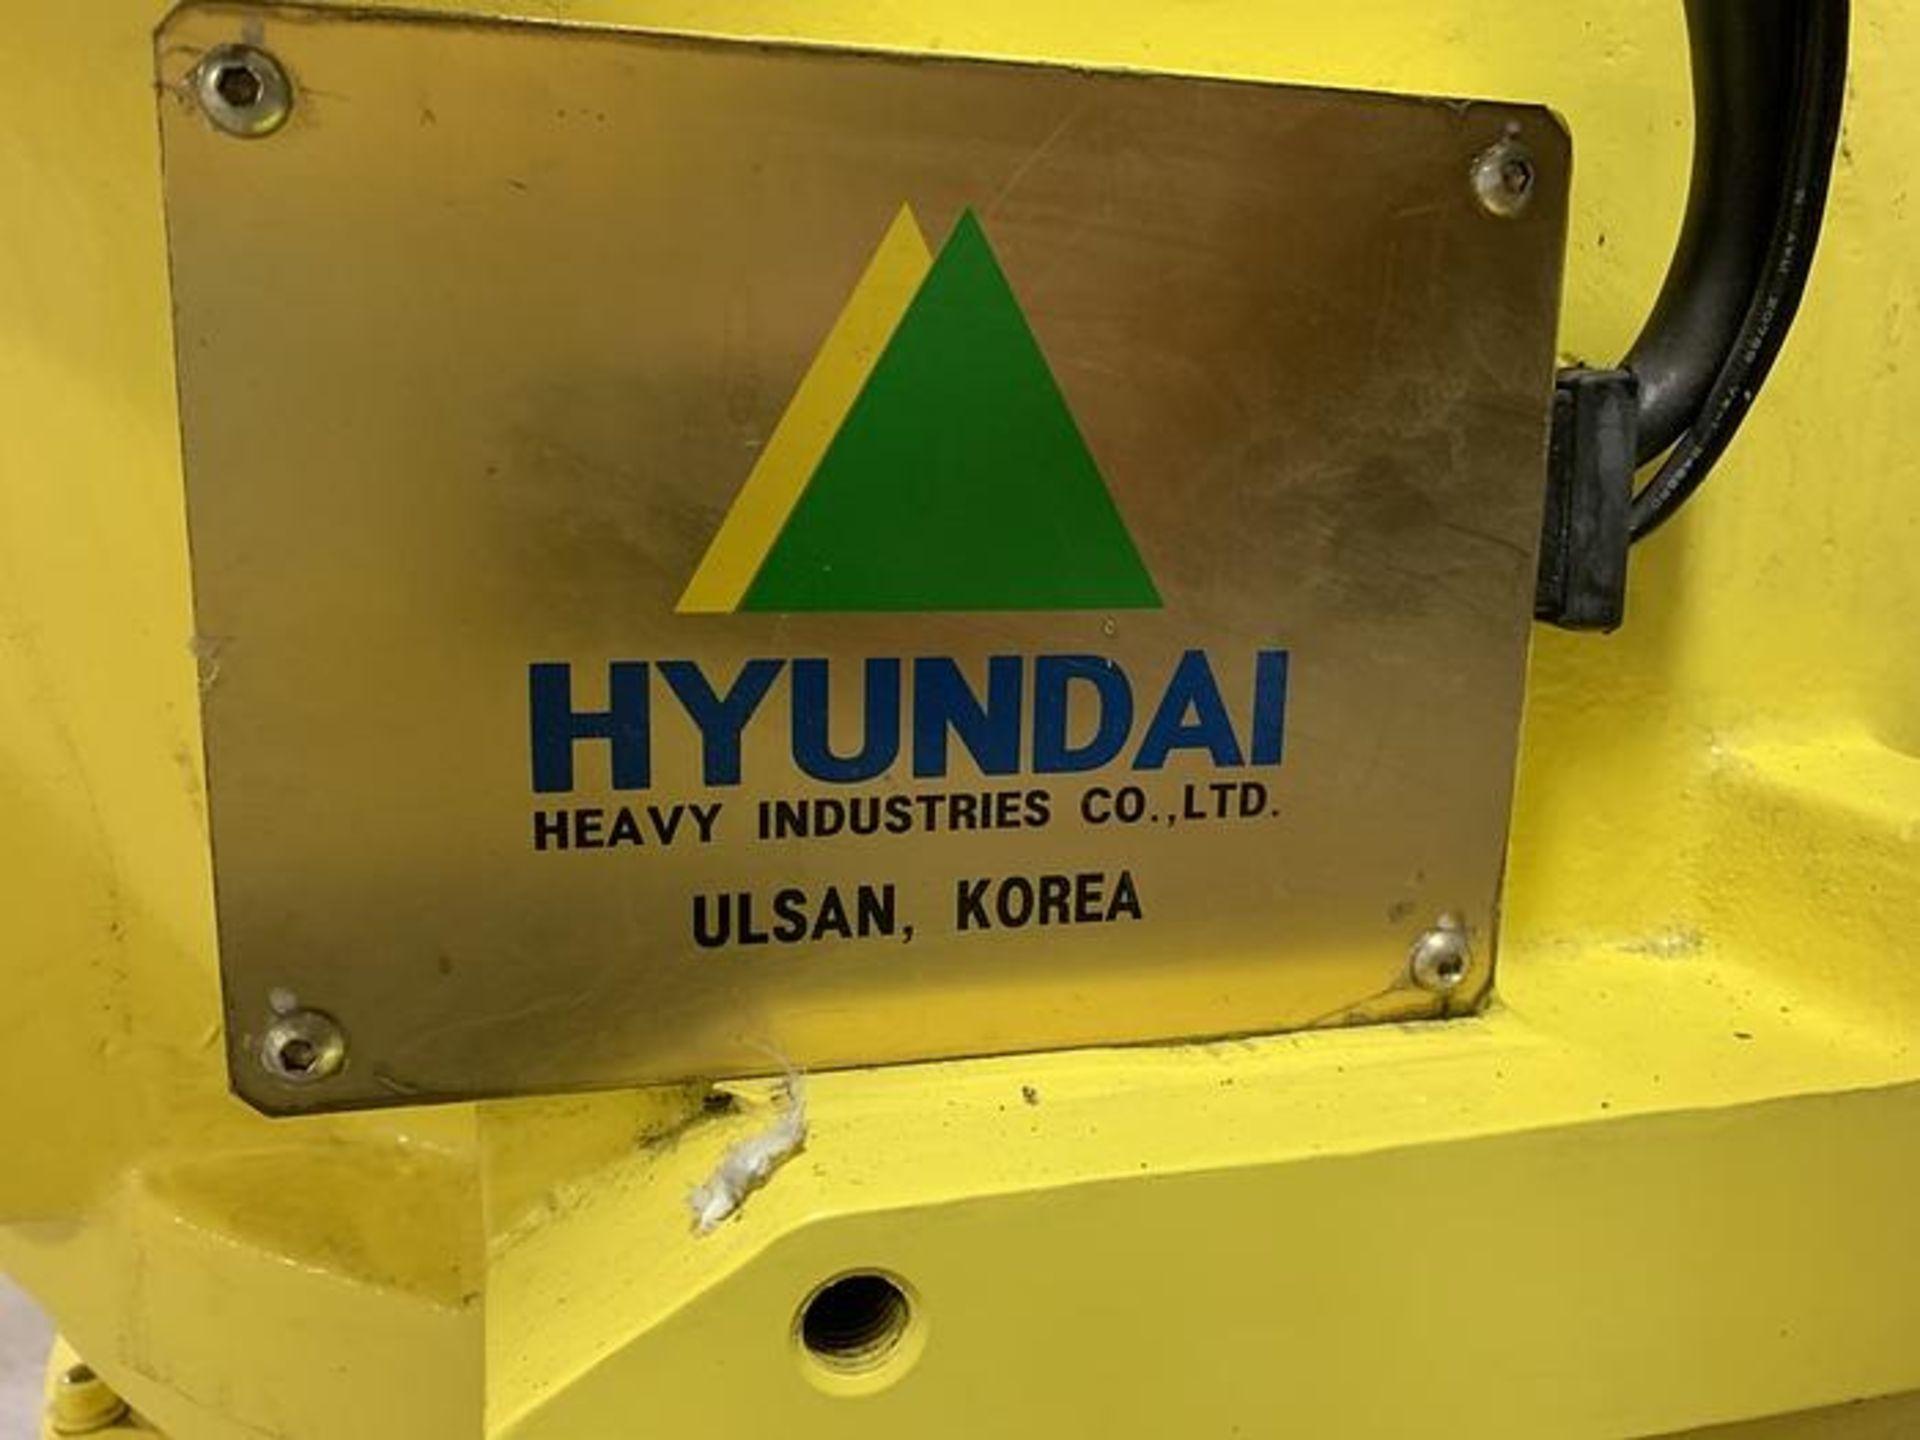 HYUNDIA MODEL HX400 400KG X 2573MM Hi5-N80U CONT. 6 AXIS CNC ROBOT, YEAR 2012, SN HB35-054-572 - Image 17 of 21